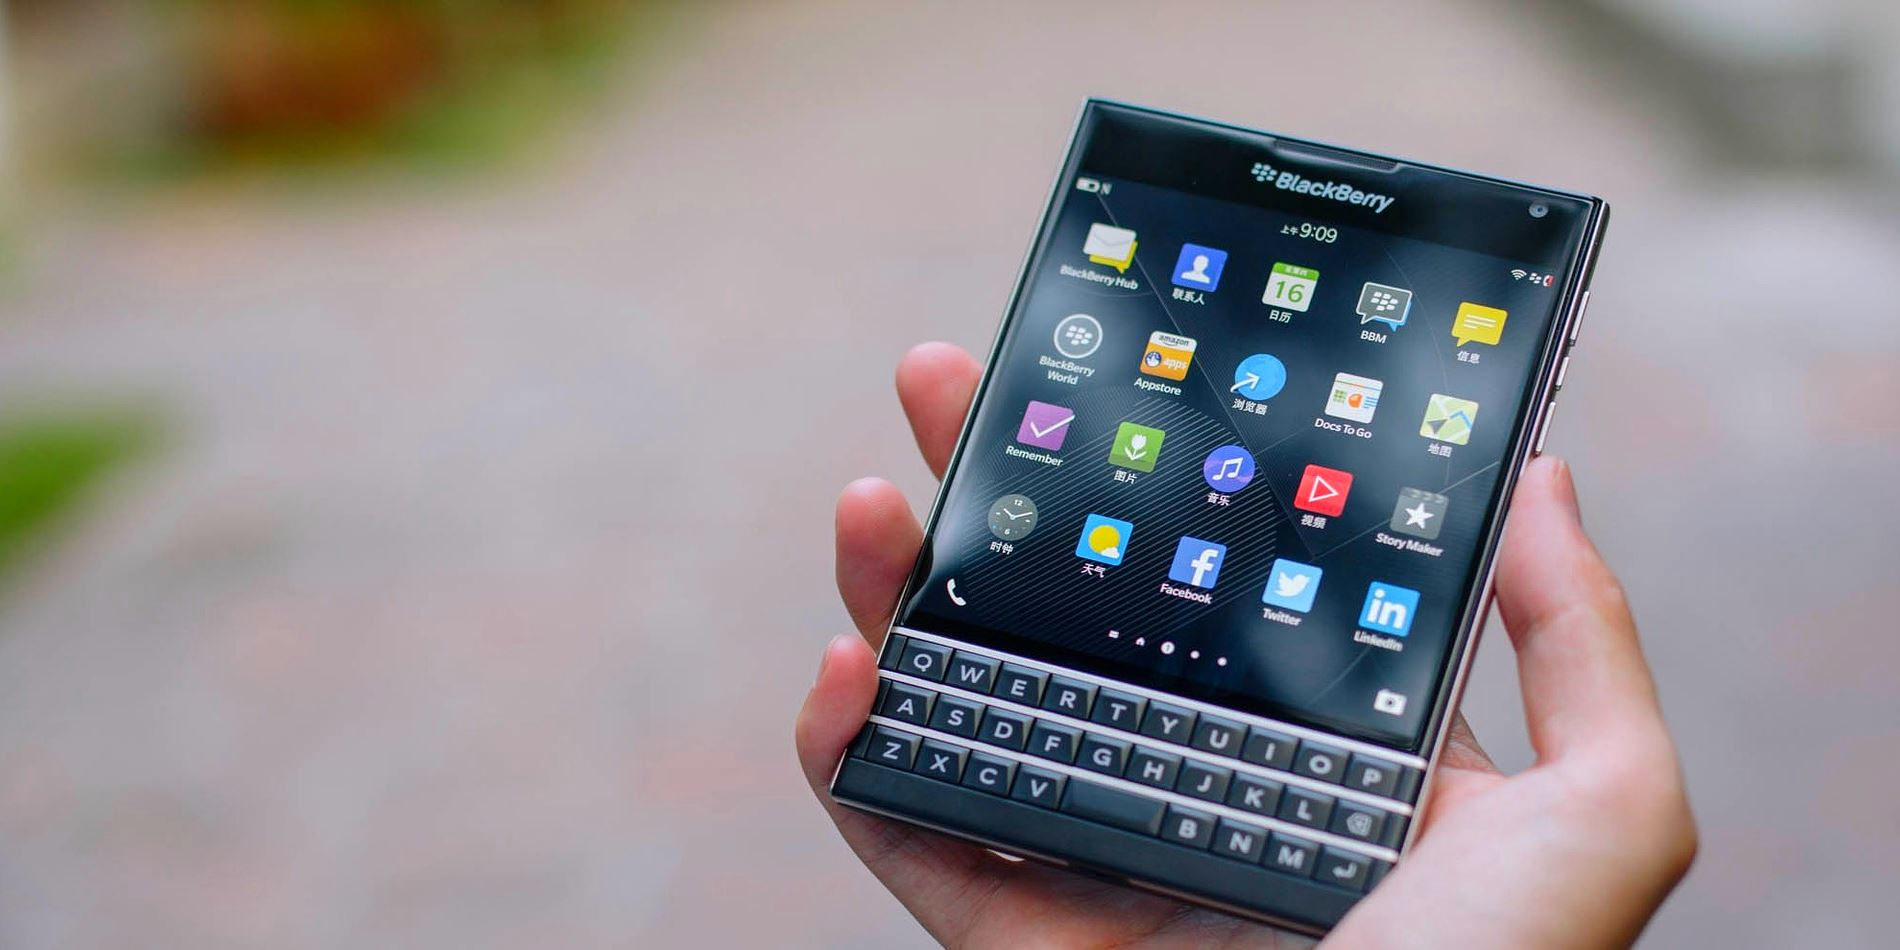 Новости: BlackBerry подала в суд на Facebook за присвоение интеллектуальной собственности